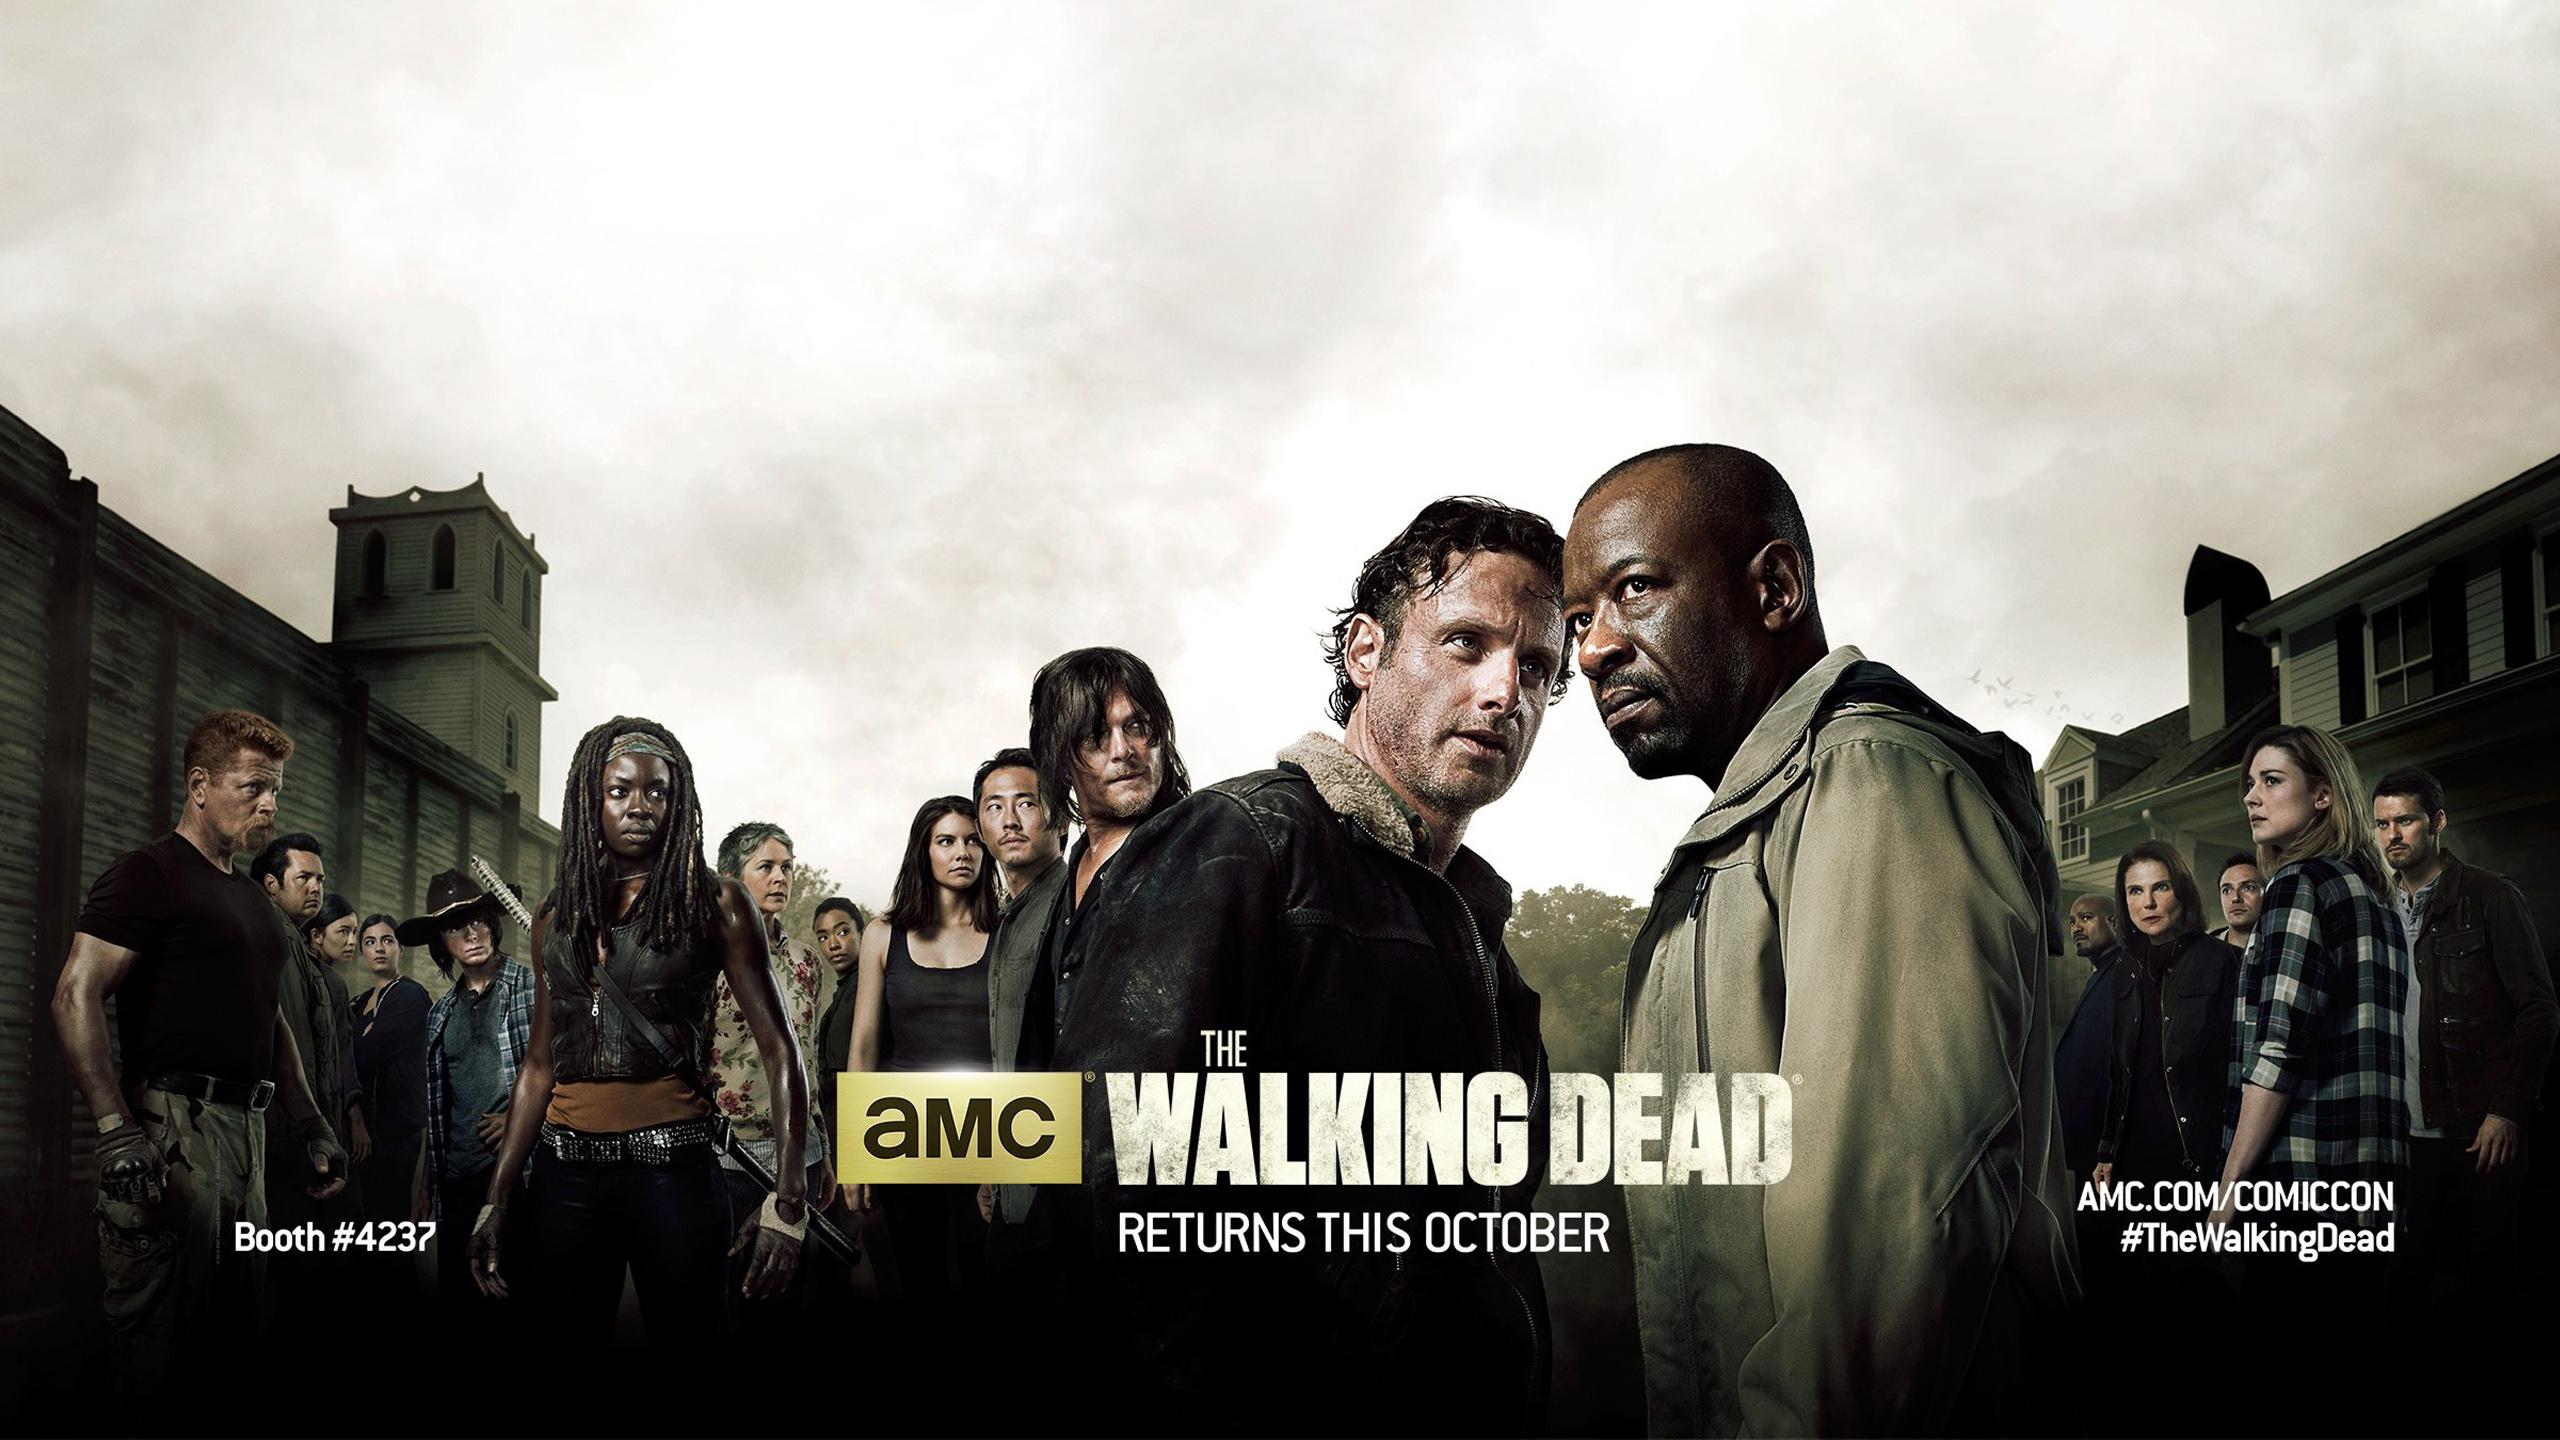 The Walking Dead Hd Desktop Wallpaper High Definition Mobile